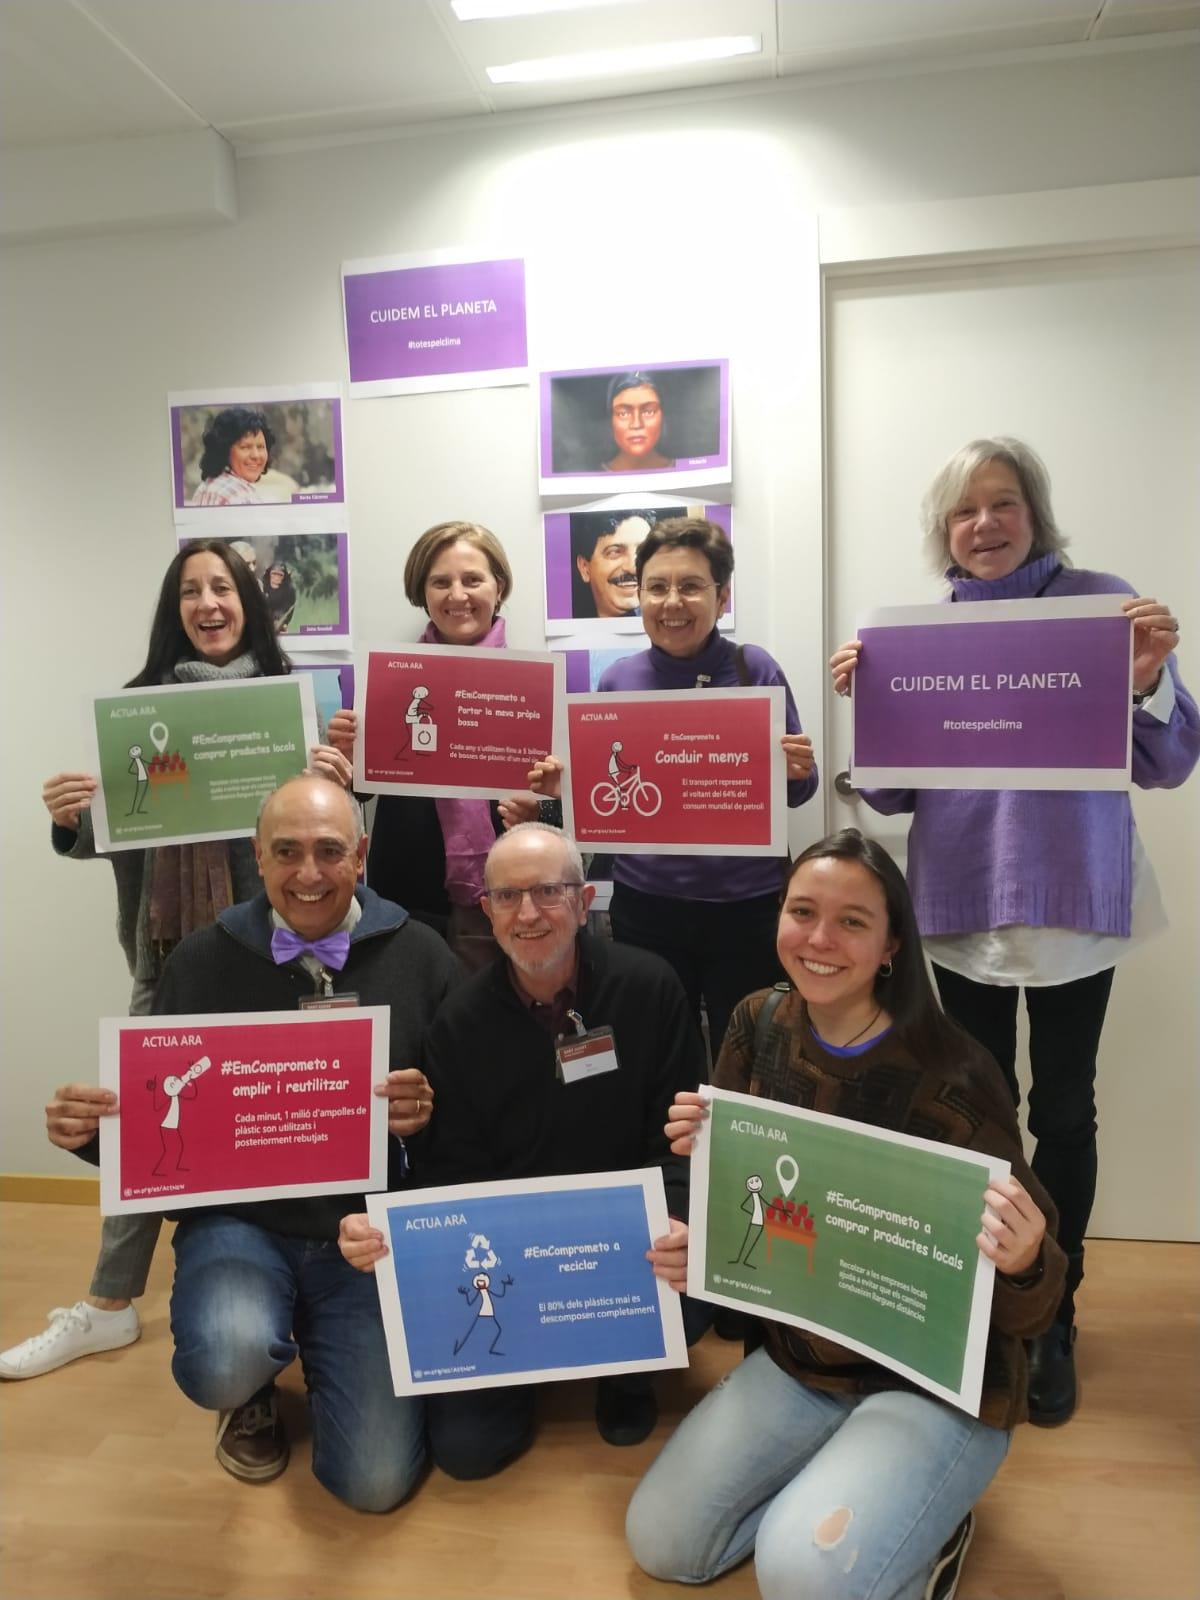 Trobada Intermon Oxfam. FOTO: Cedida